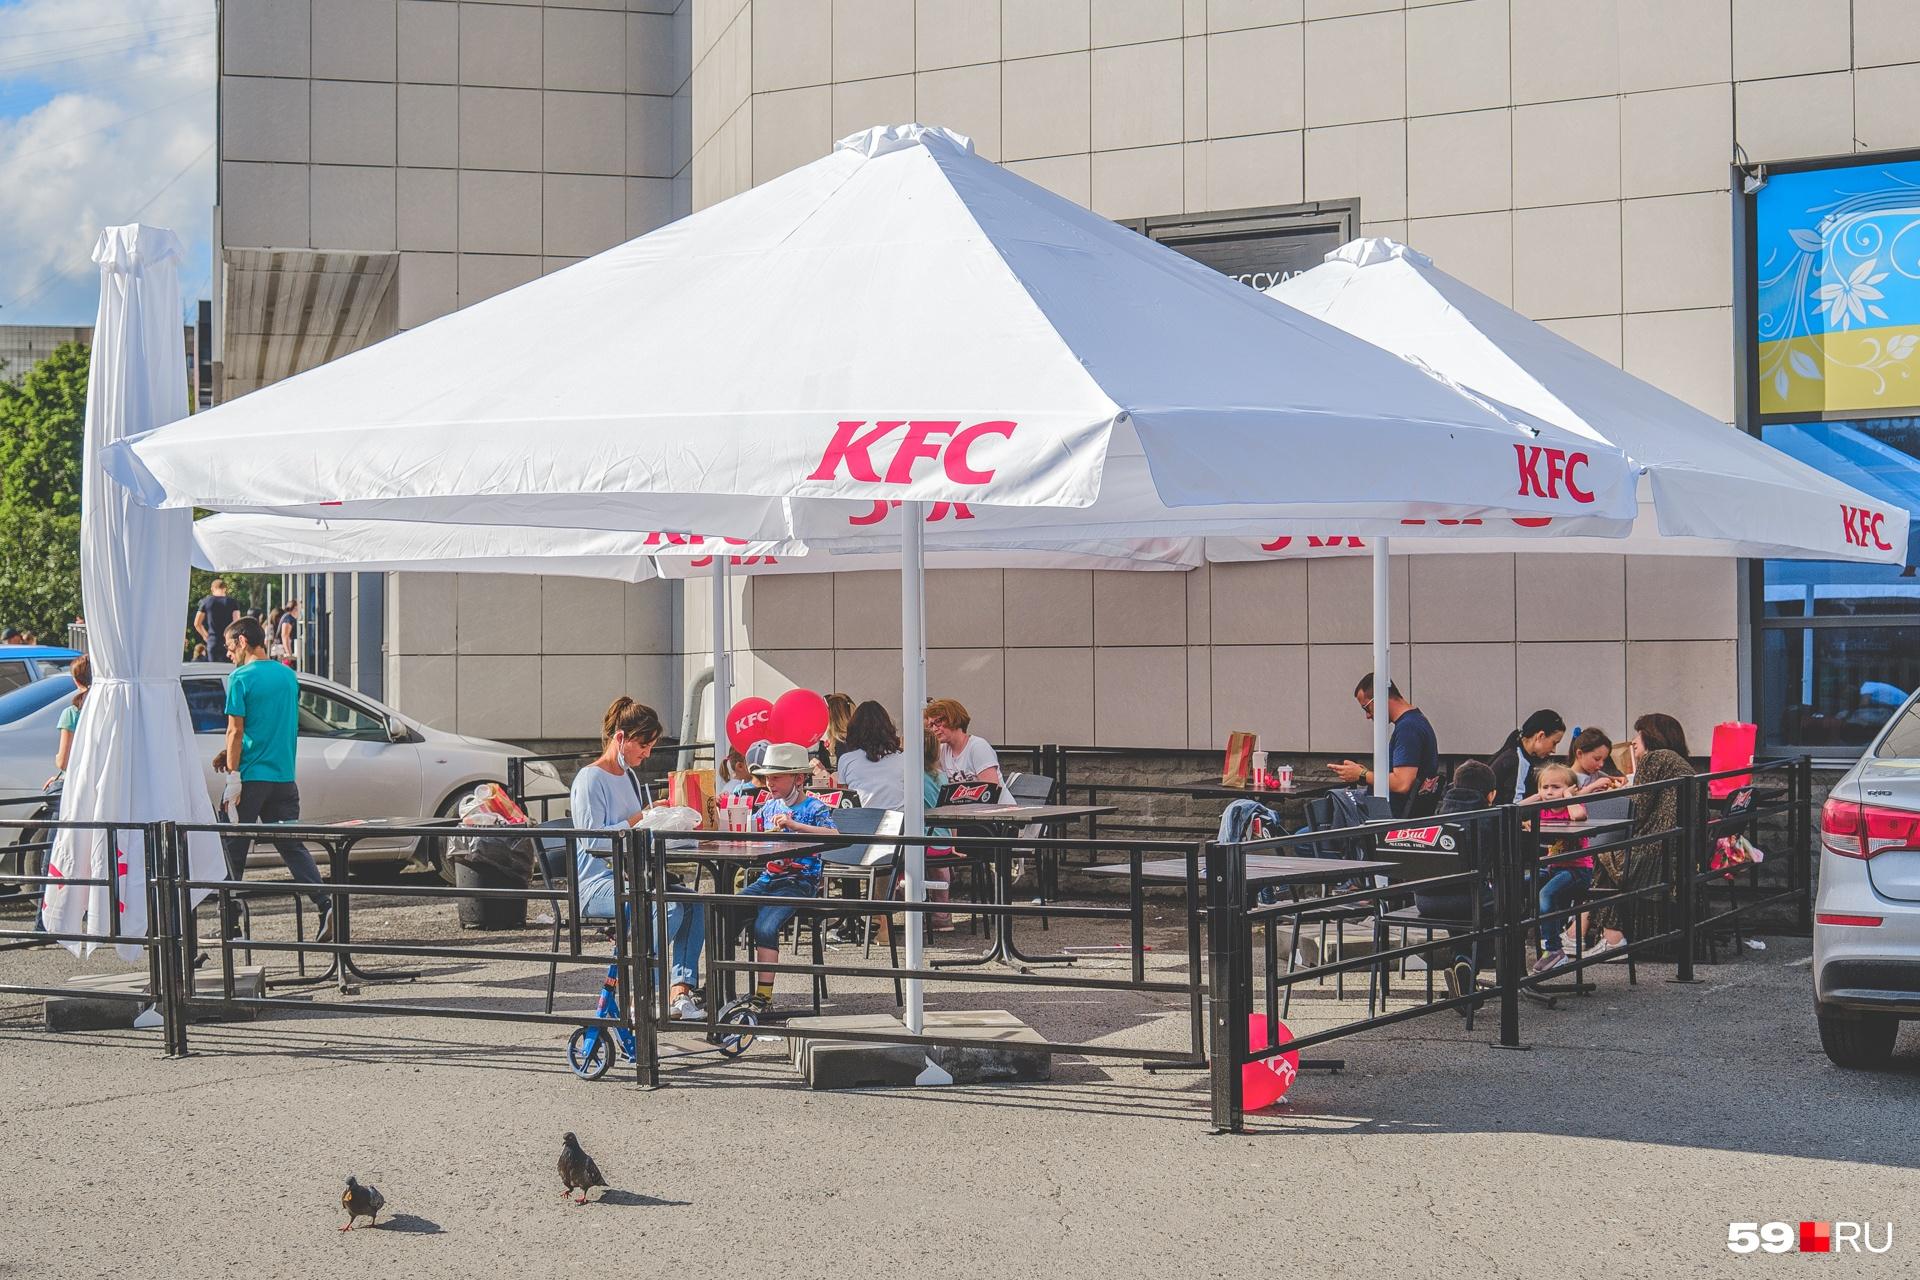 Рестораны быстрого питания тоже открыли летники: и KFC на Крисанова...